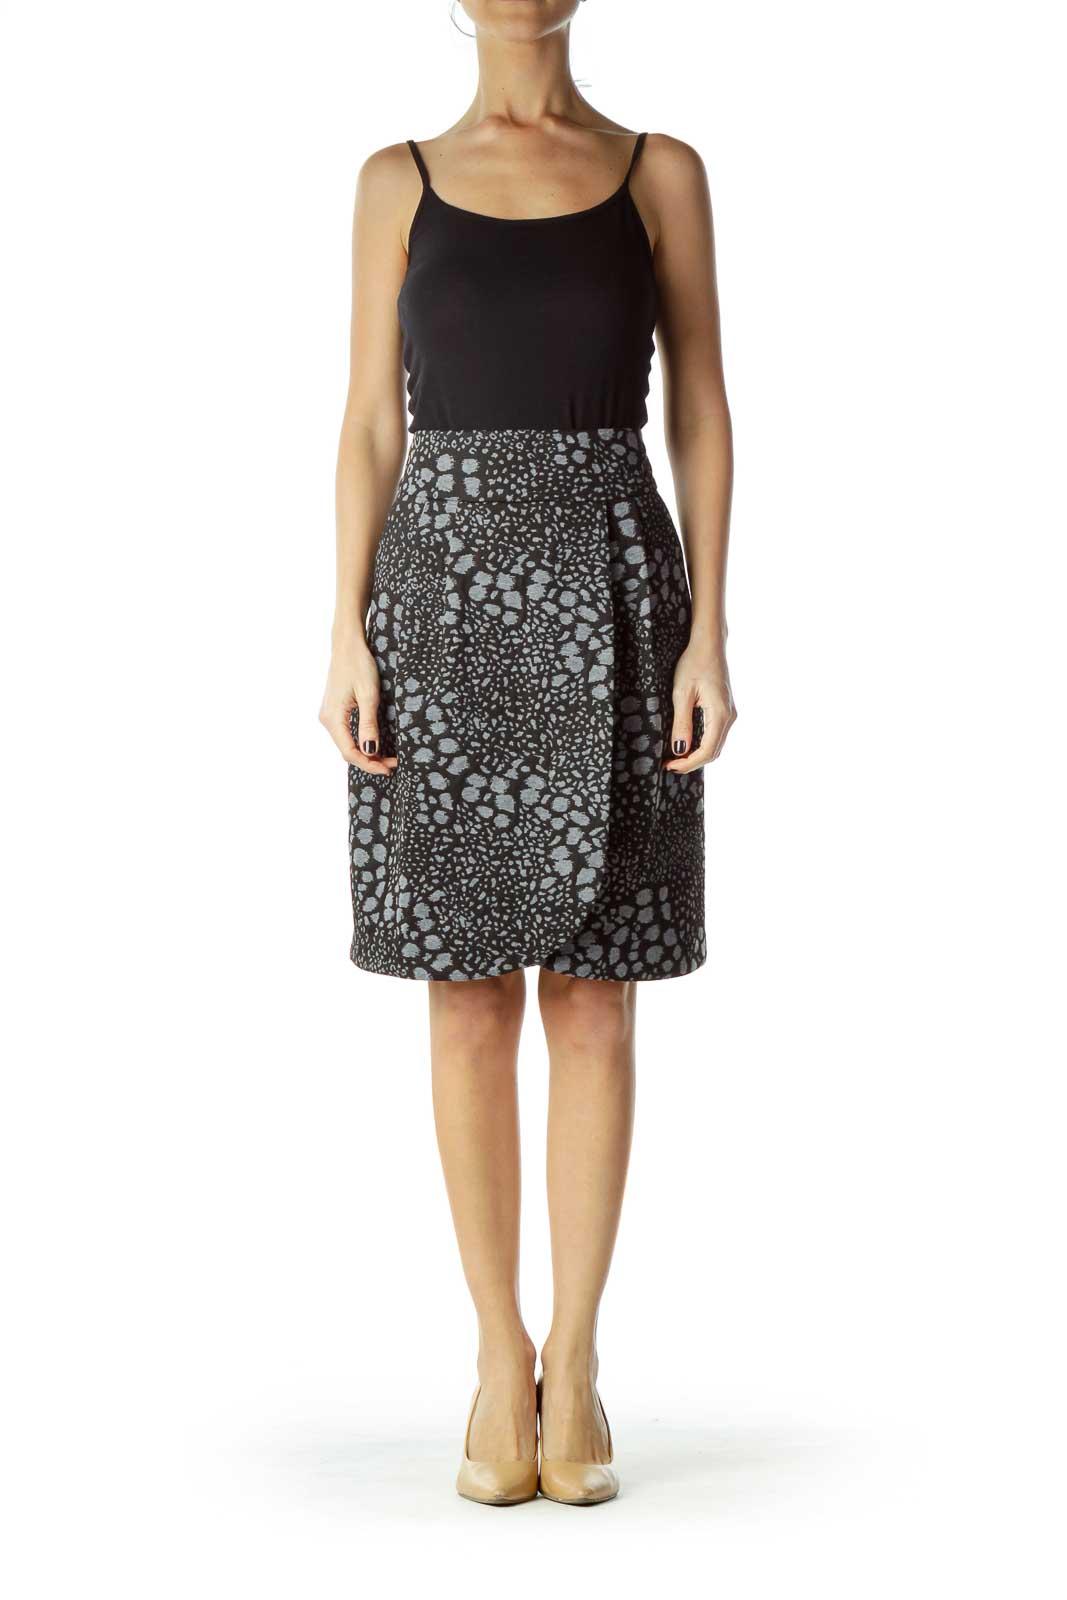 Gray Animal Print Skirt